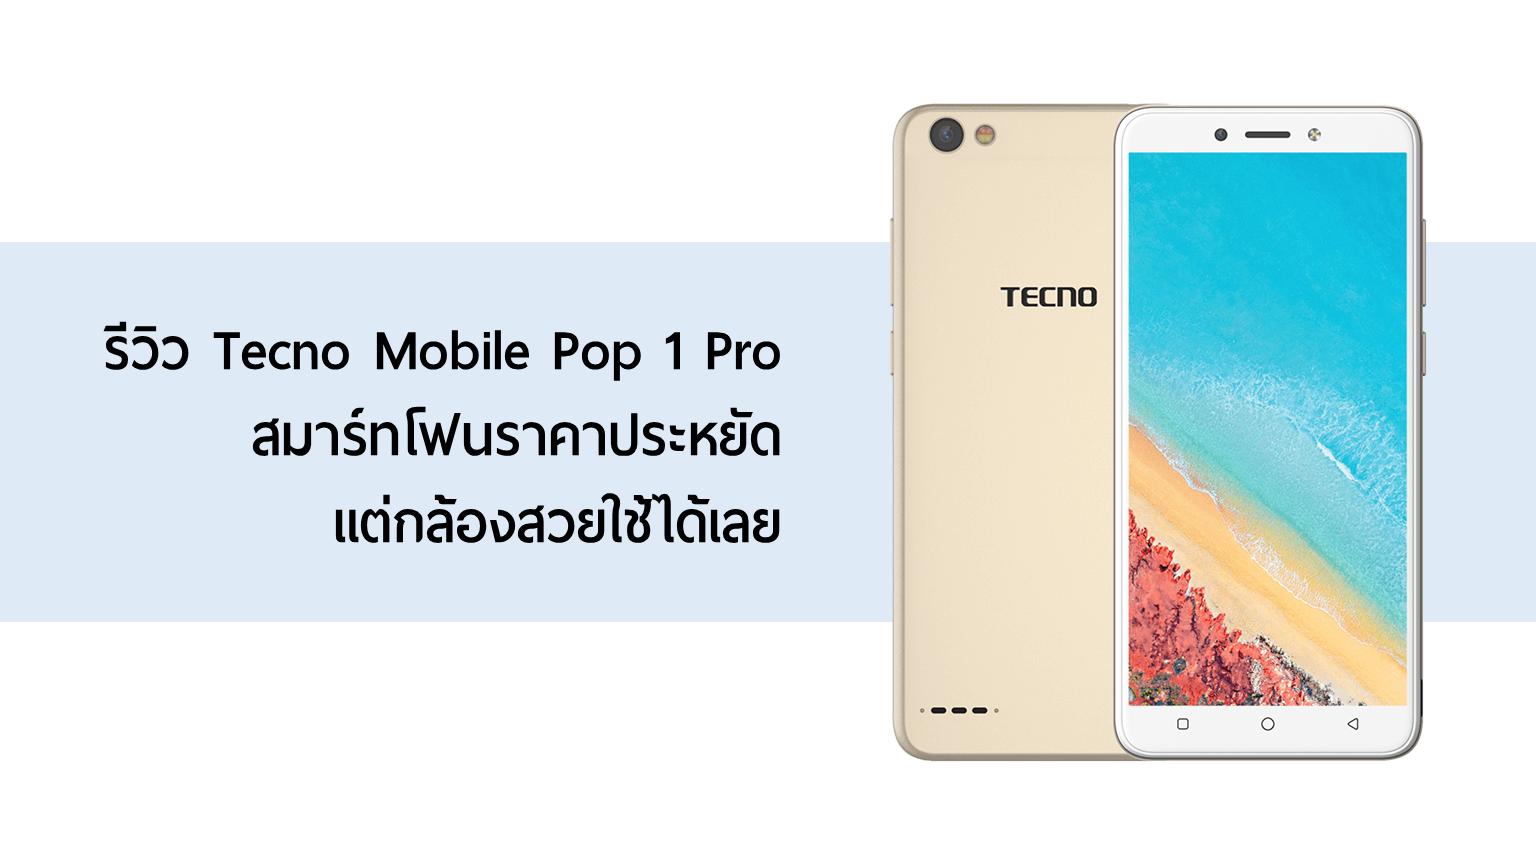 รีวิว Tecno Mobile สมาร์ทโฟนราคาประหยัด แต่กล้องดีทีเดียว 1